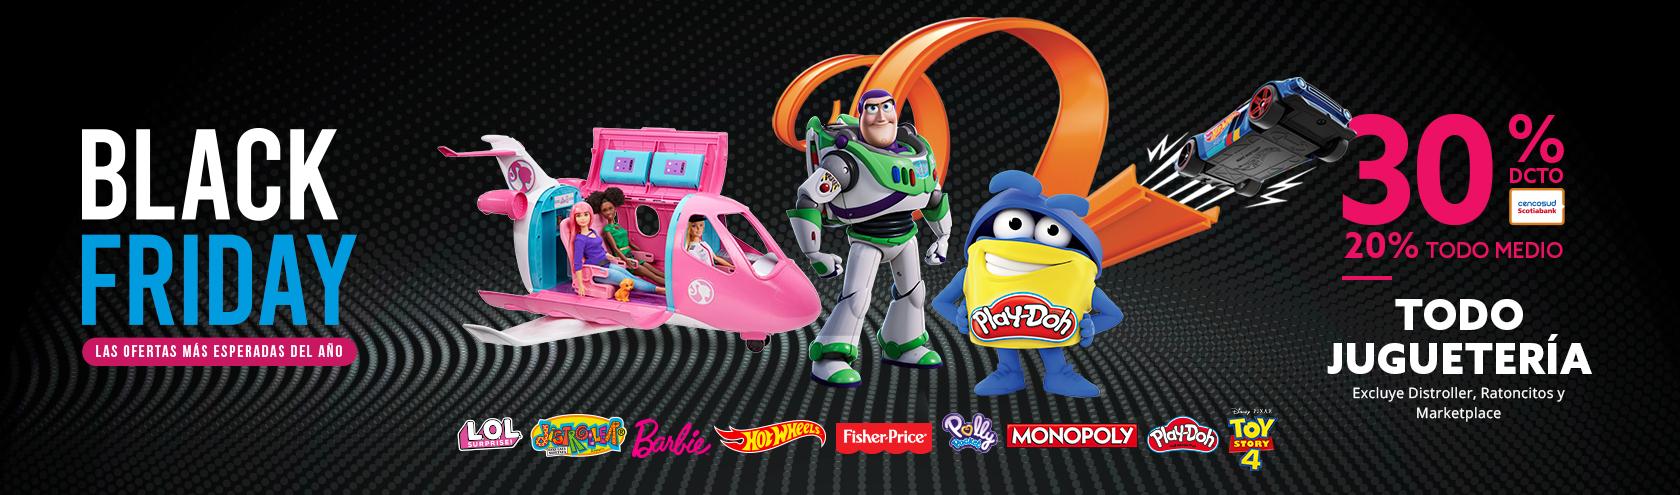 30% de descuento con tarjeta Cencosud y 20% de descuento todo medio en juguetes excepto distroller ratoncitos y market place